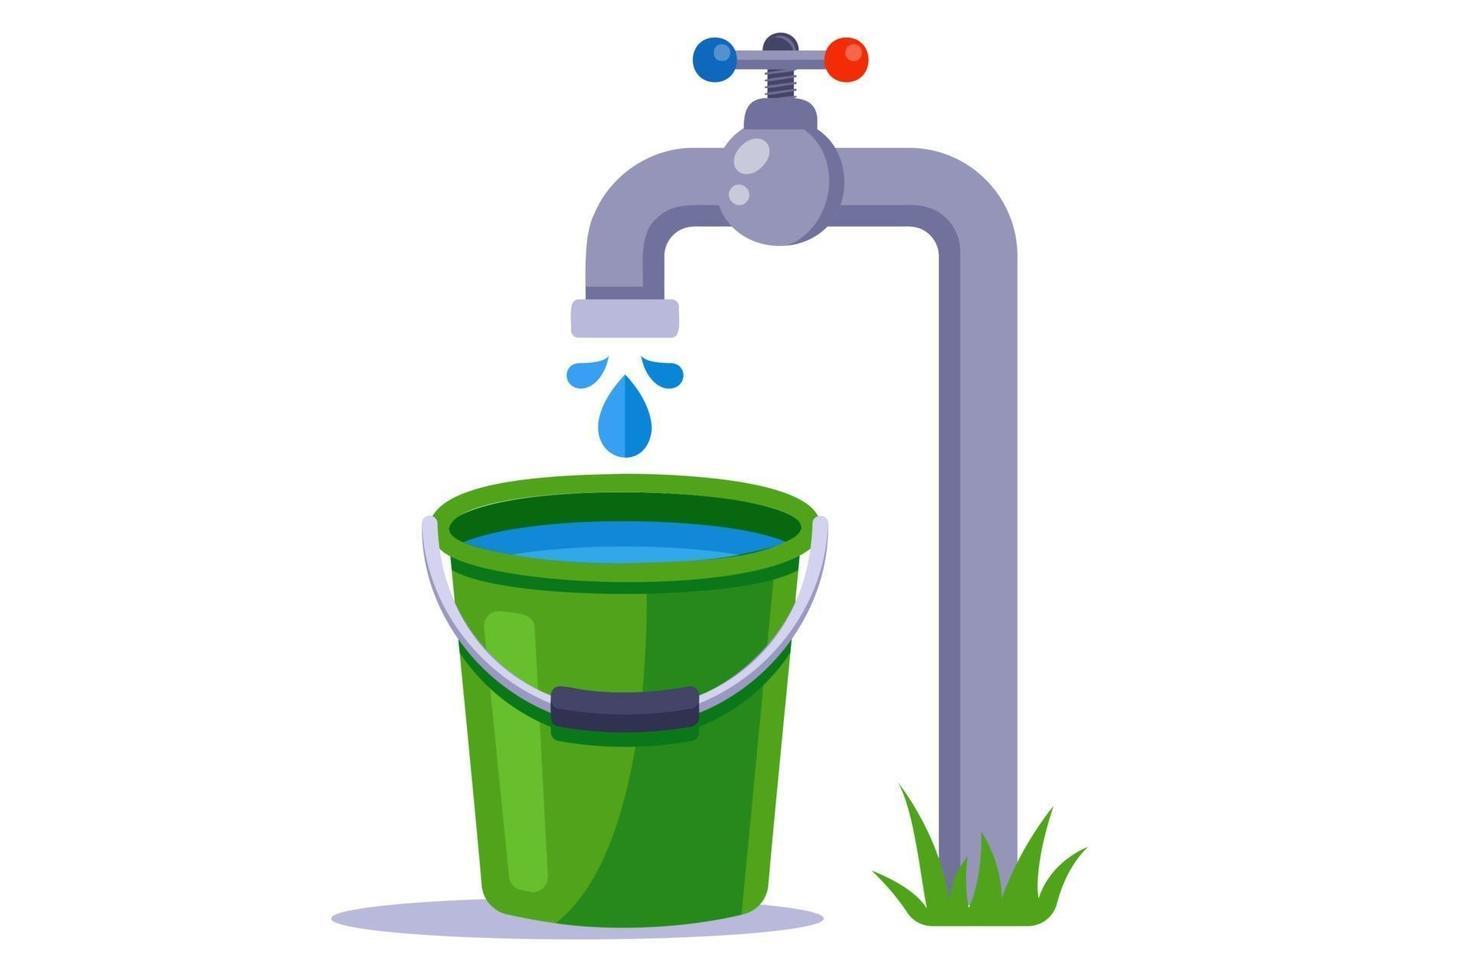 encher um balde verde com água. água limpa da torneira. ilustração vetorial plana. vetor